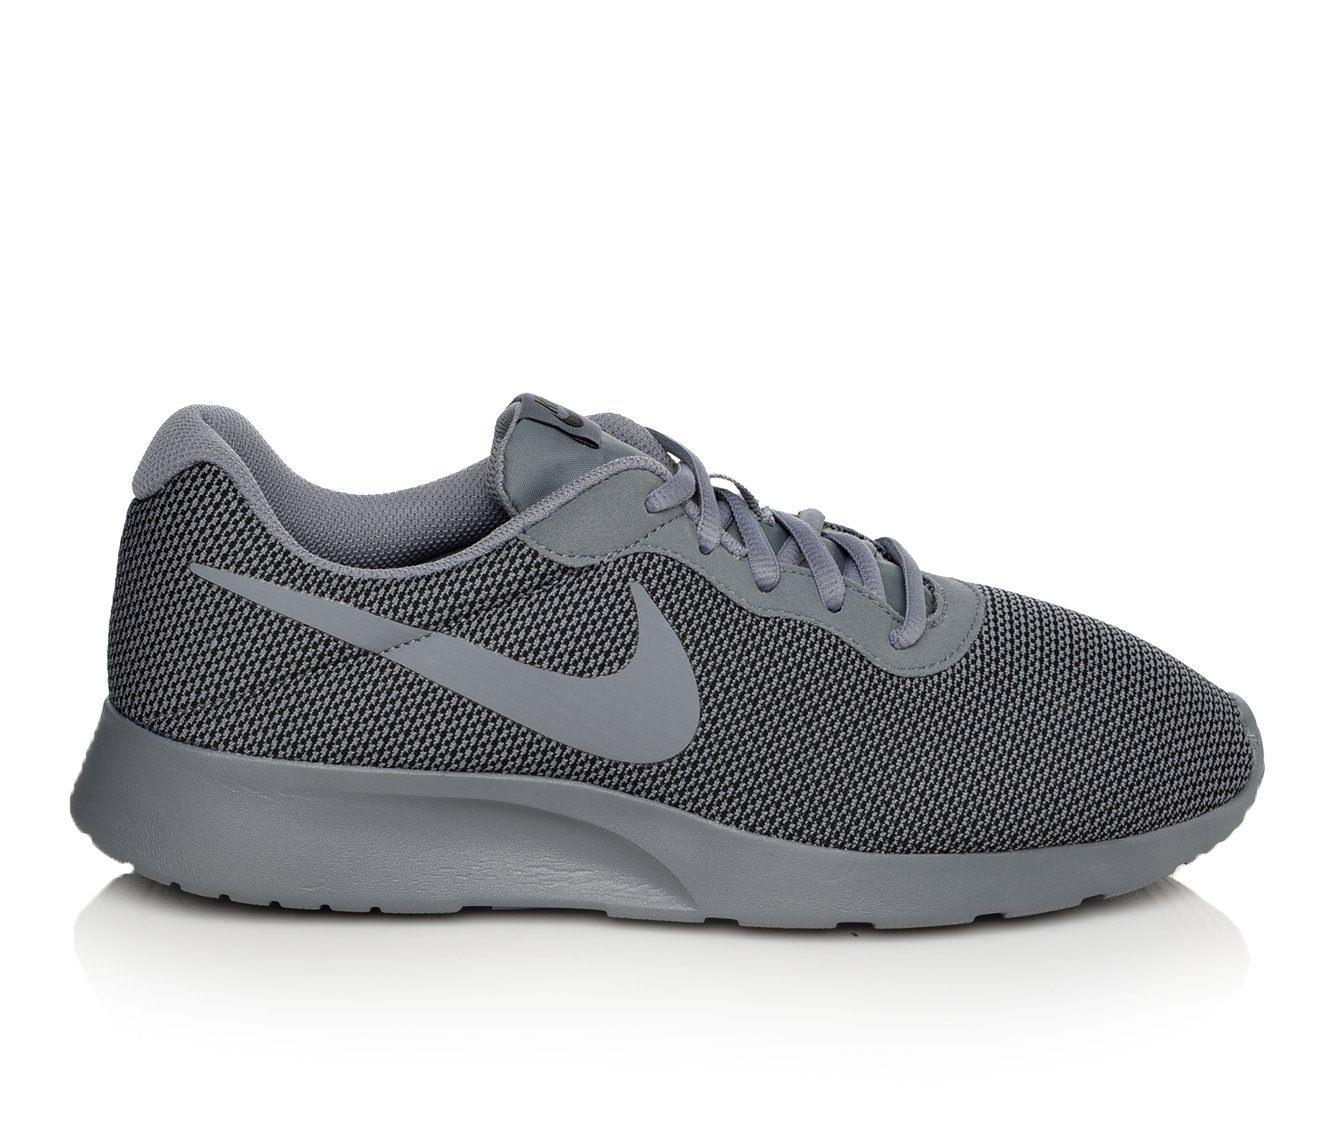 Men's Nike Tanjun SE Sneakers (Grey - Size 11.5) 1585425